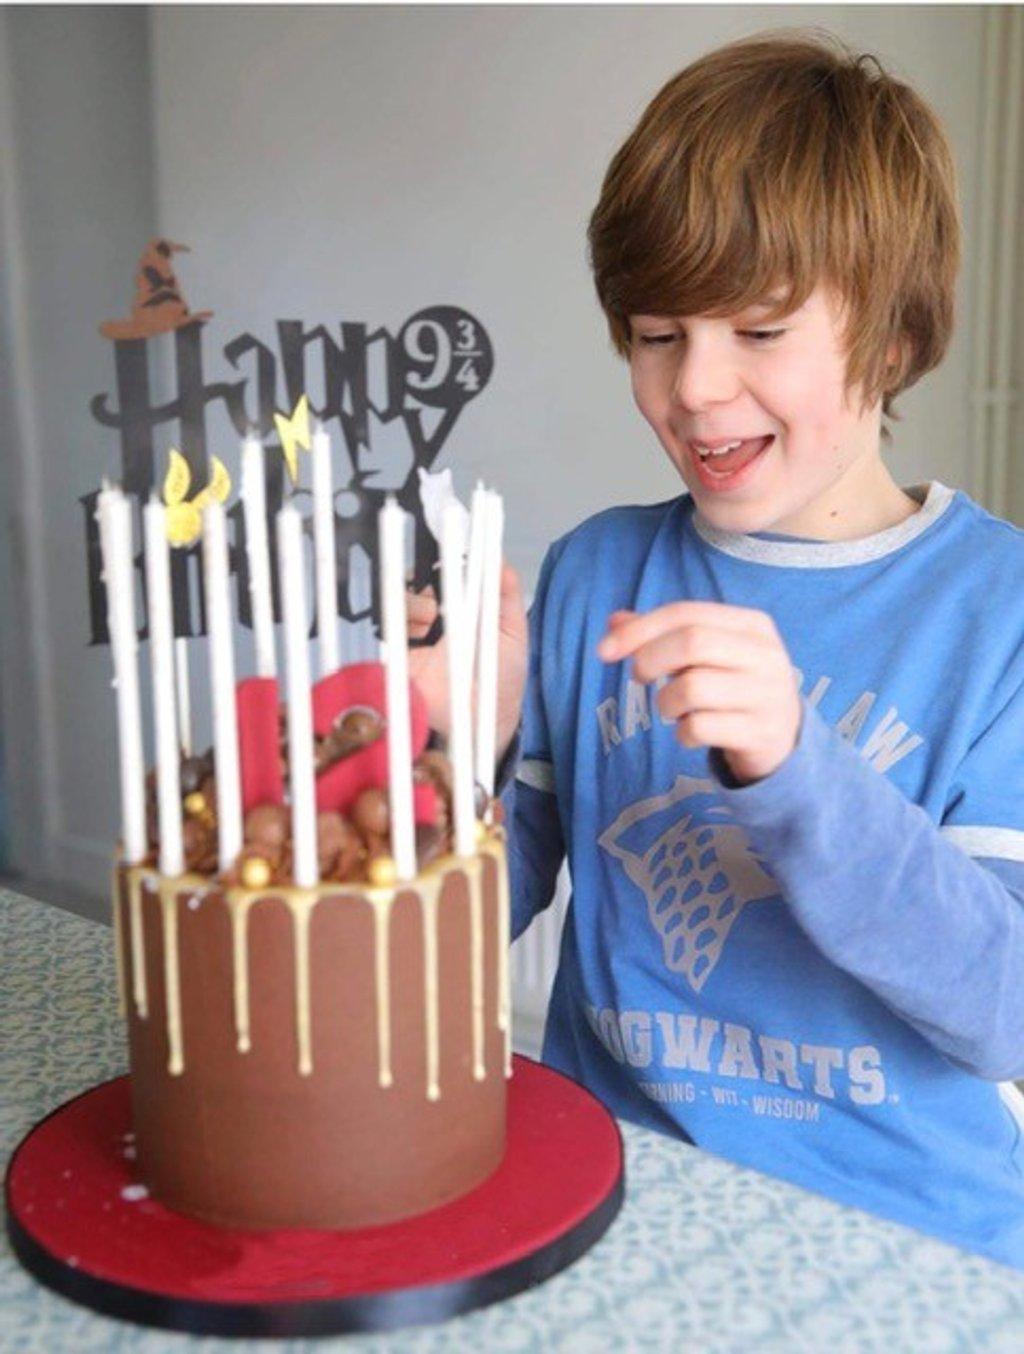 Birthday Boy by g3xbm